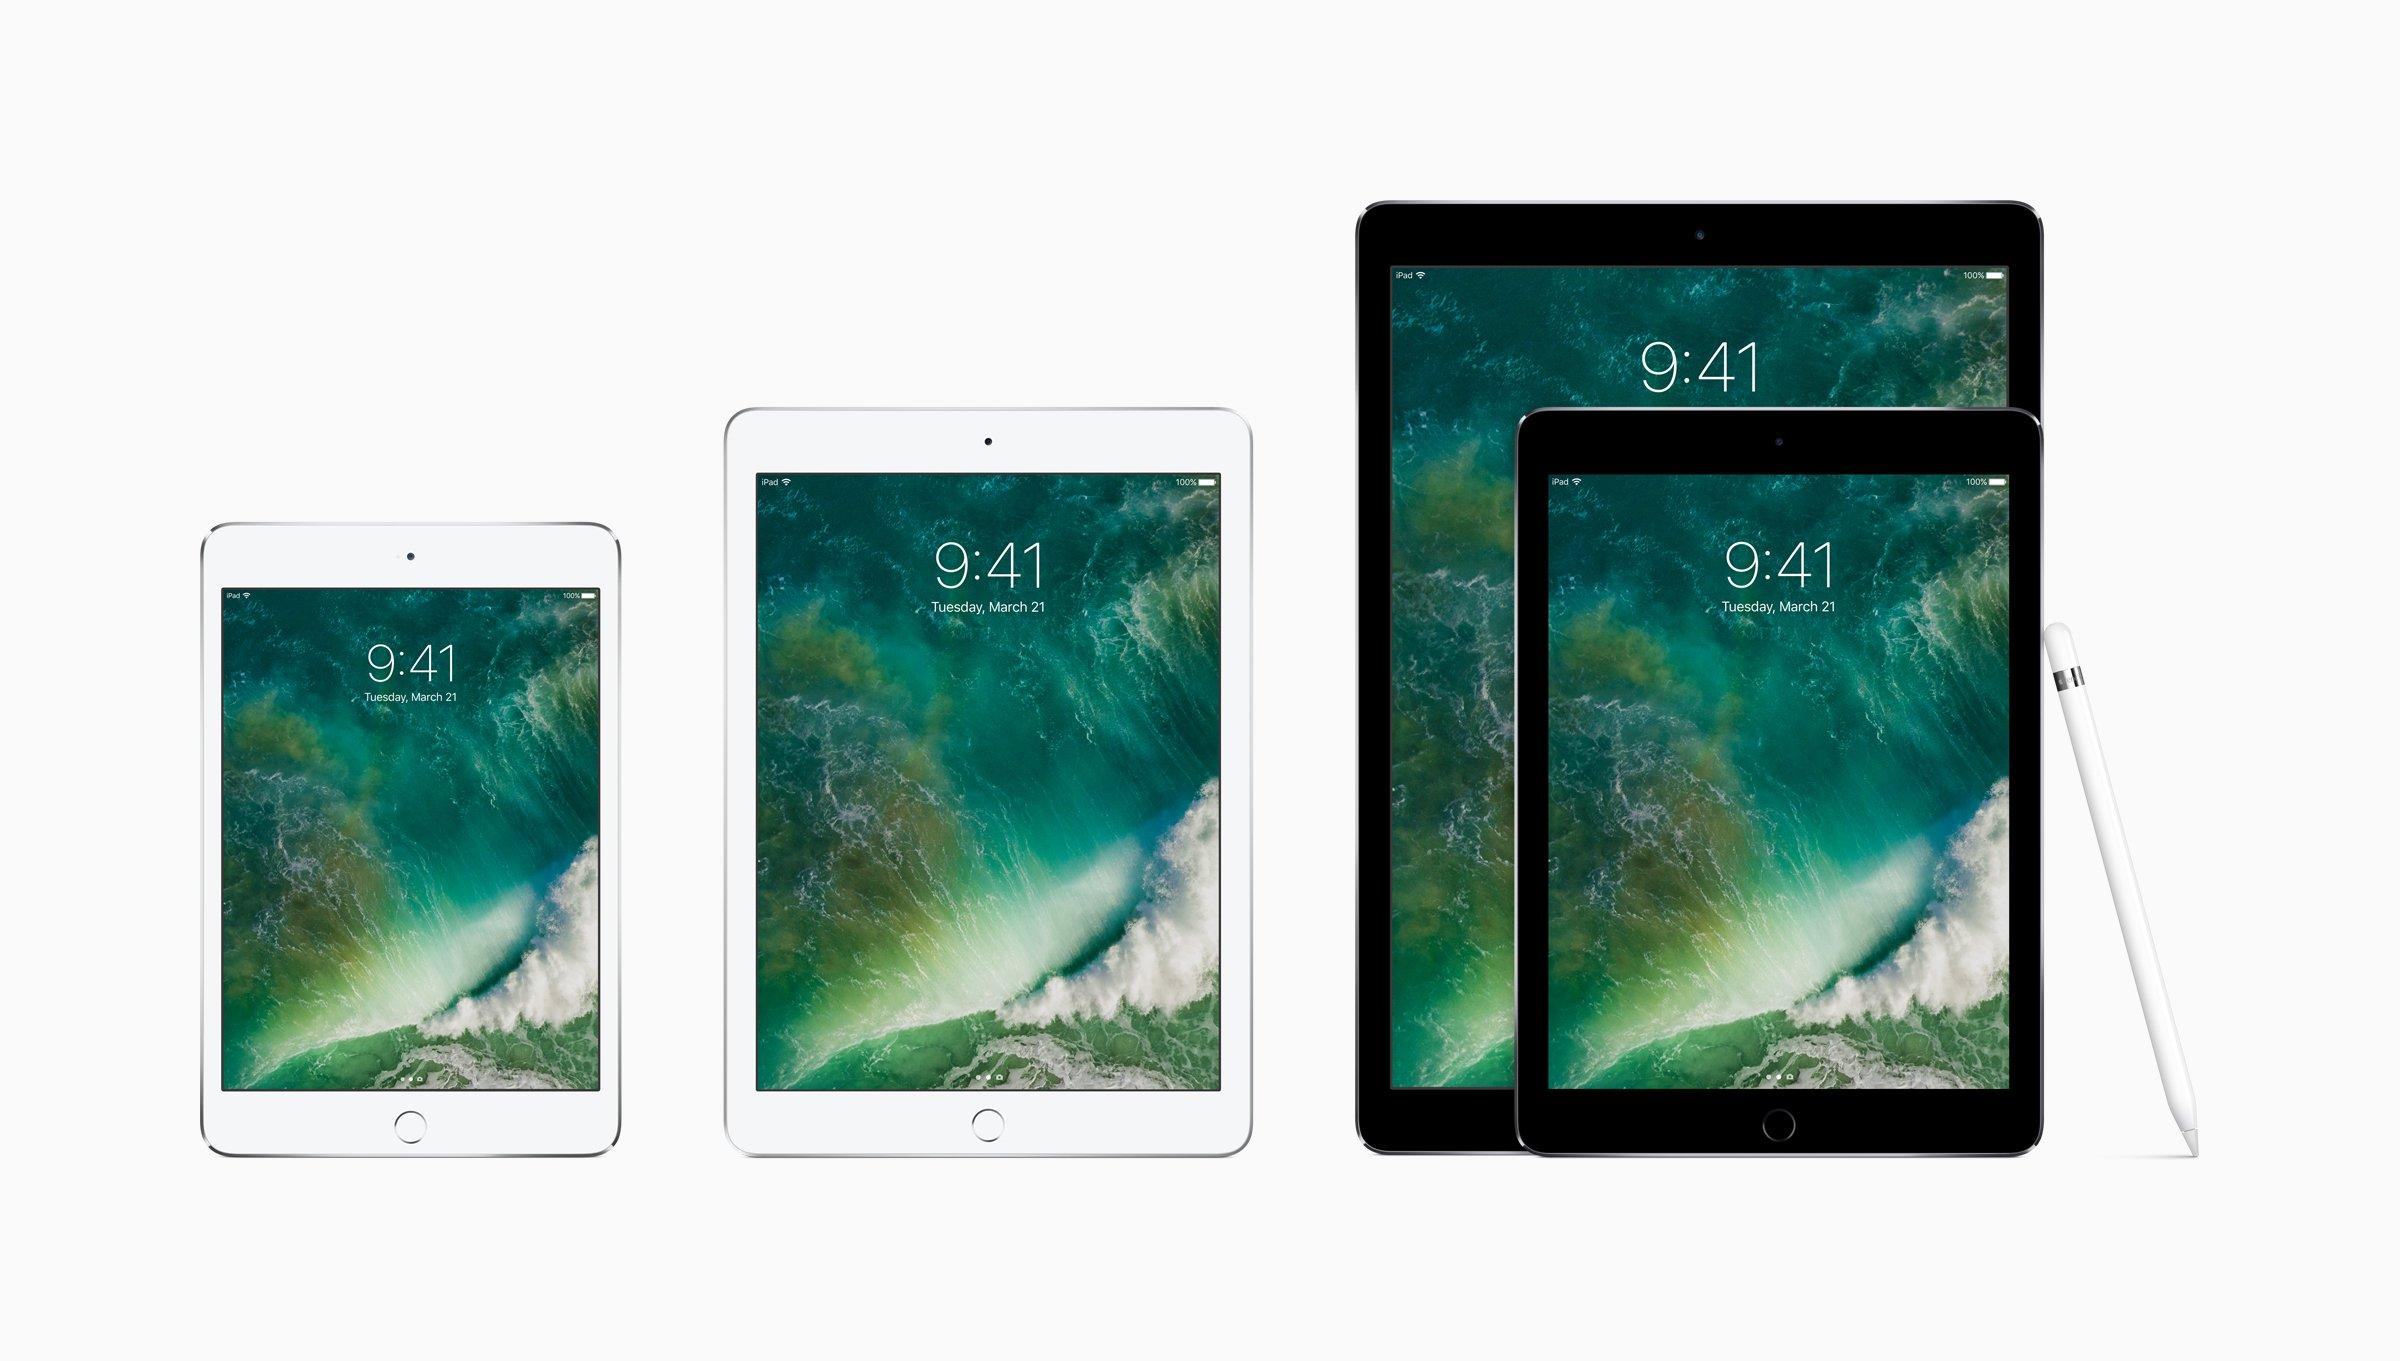 Apple ra mắt iPad 9,7 inch mới với chip A9, giá khởi điểm 329 USD